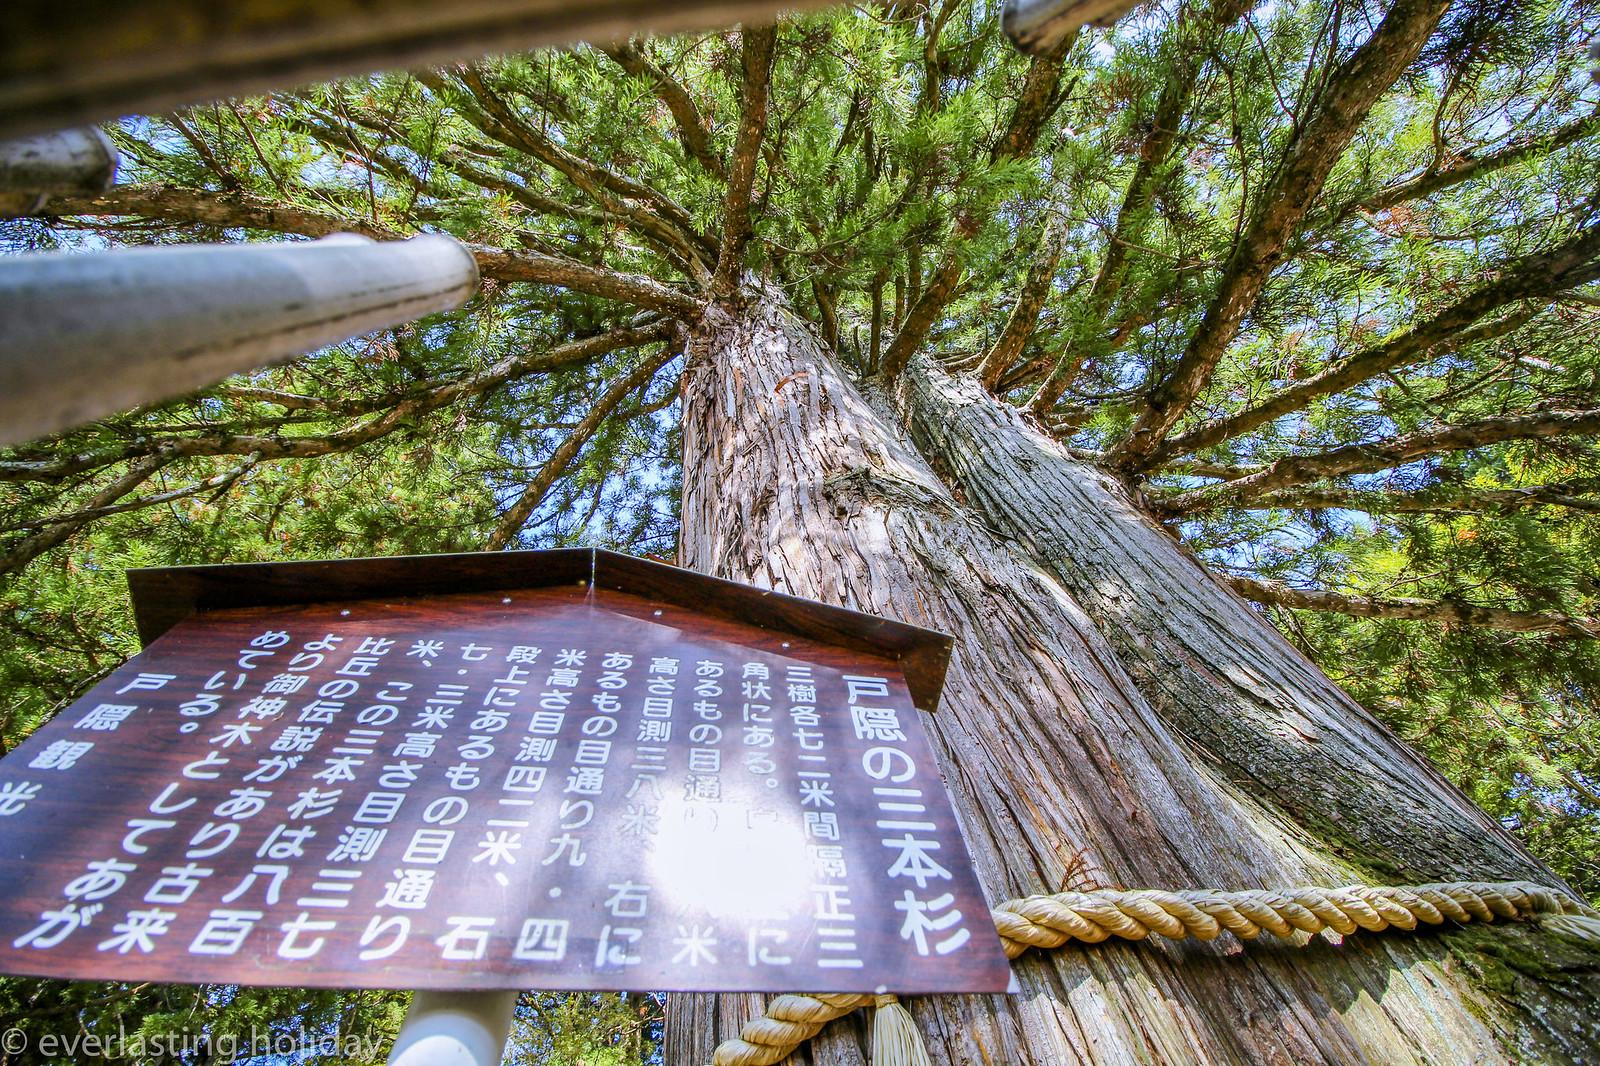 戸隠神社 Togakushi-jinja Shrine-0008